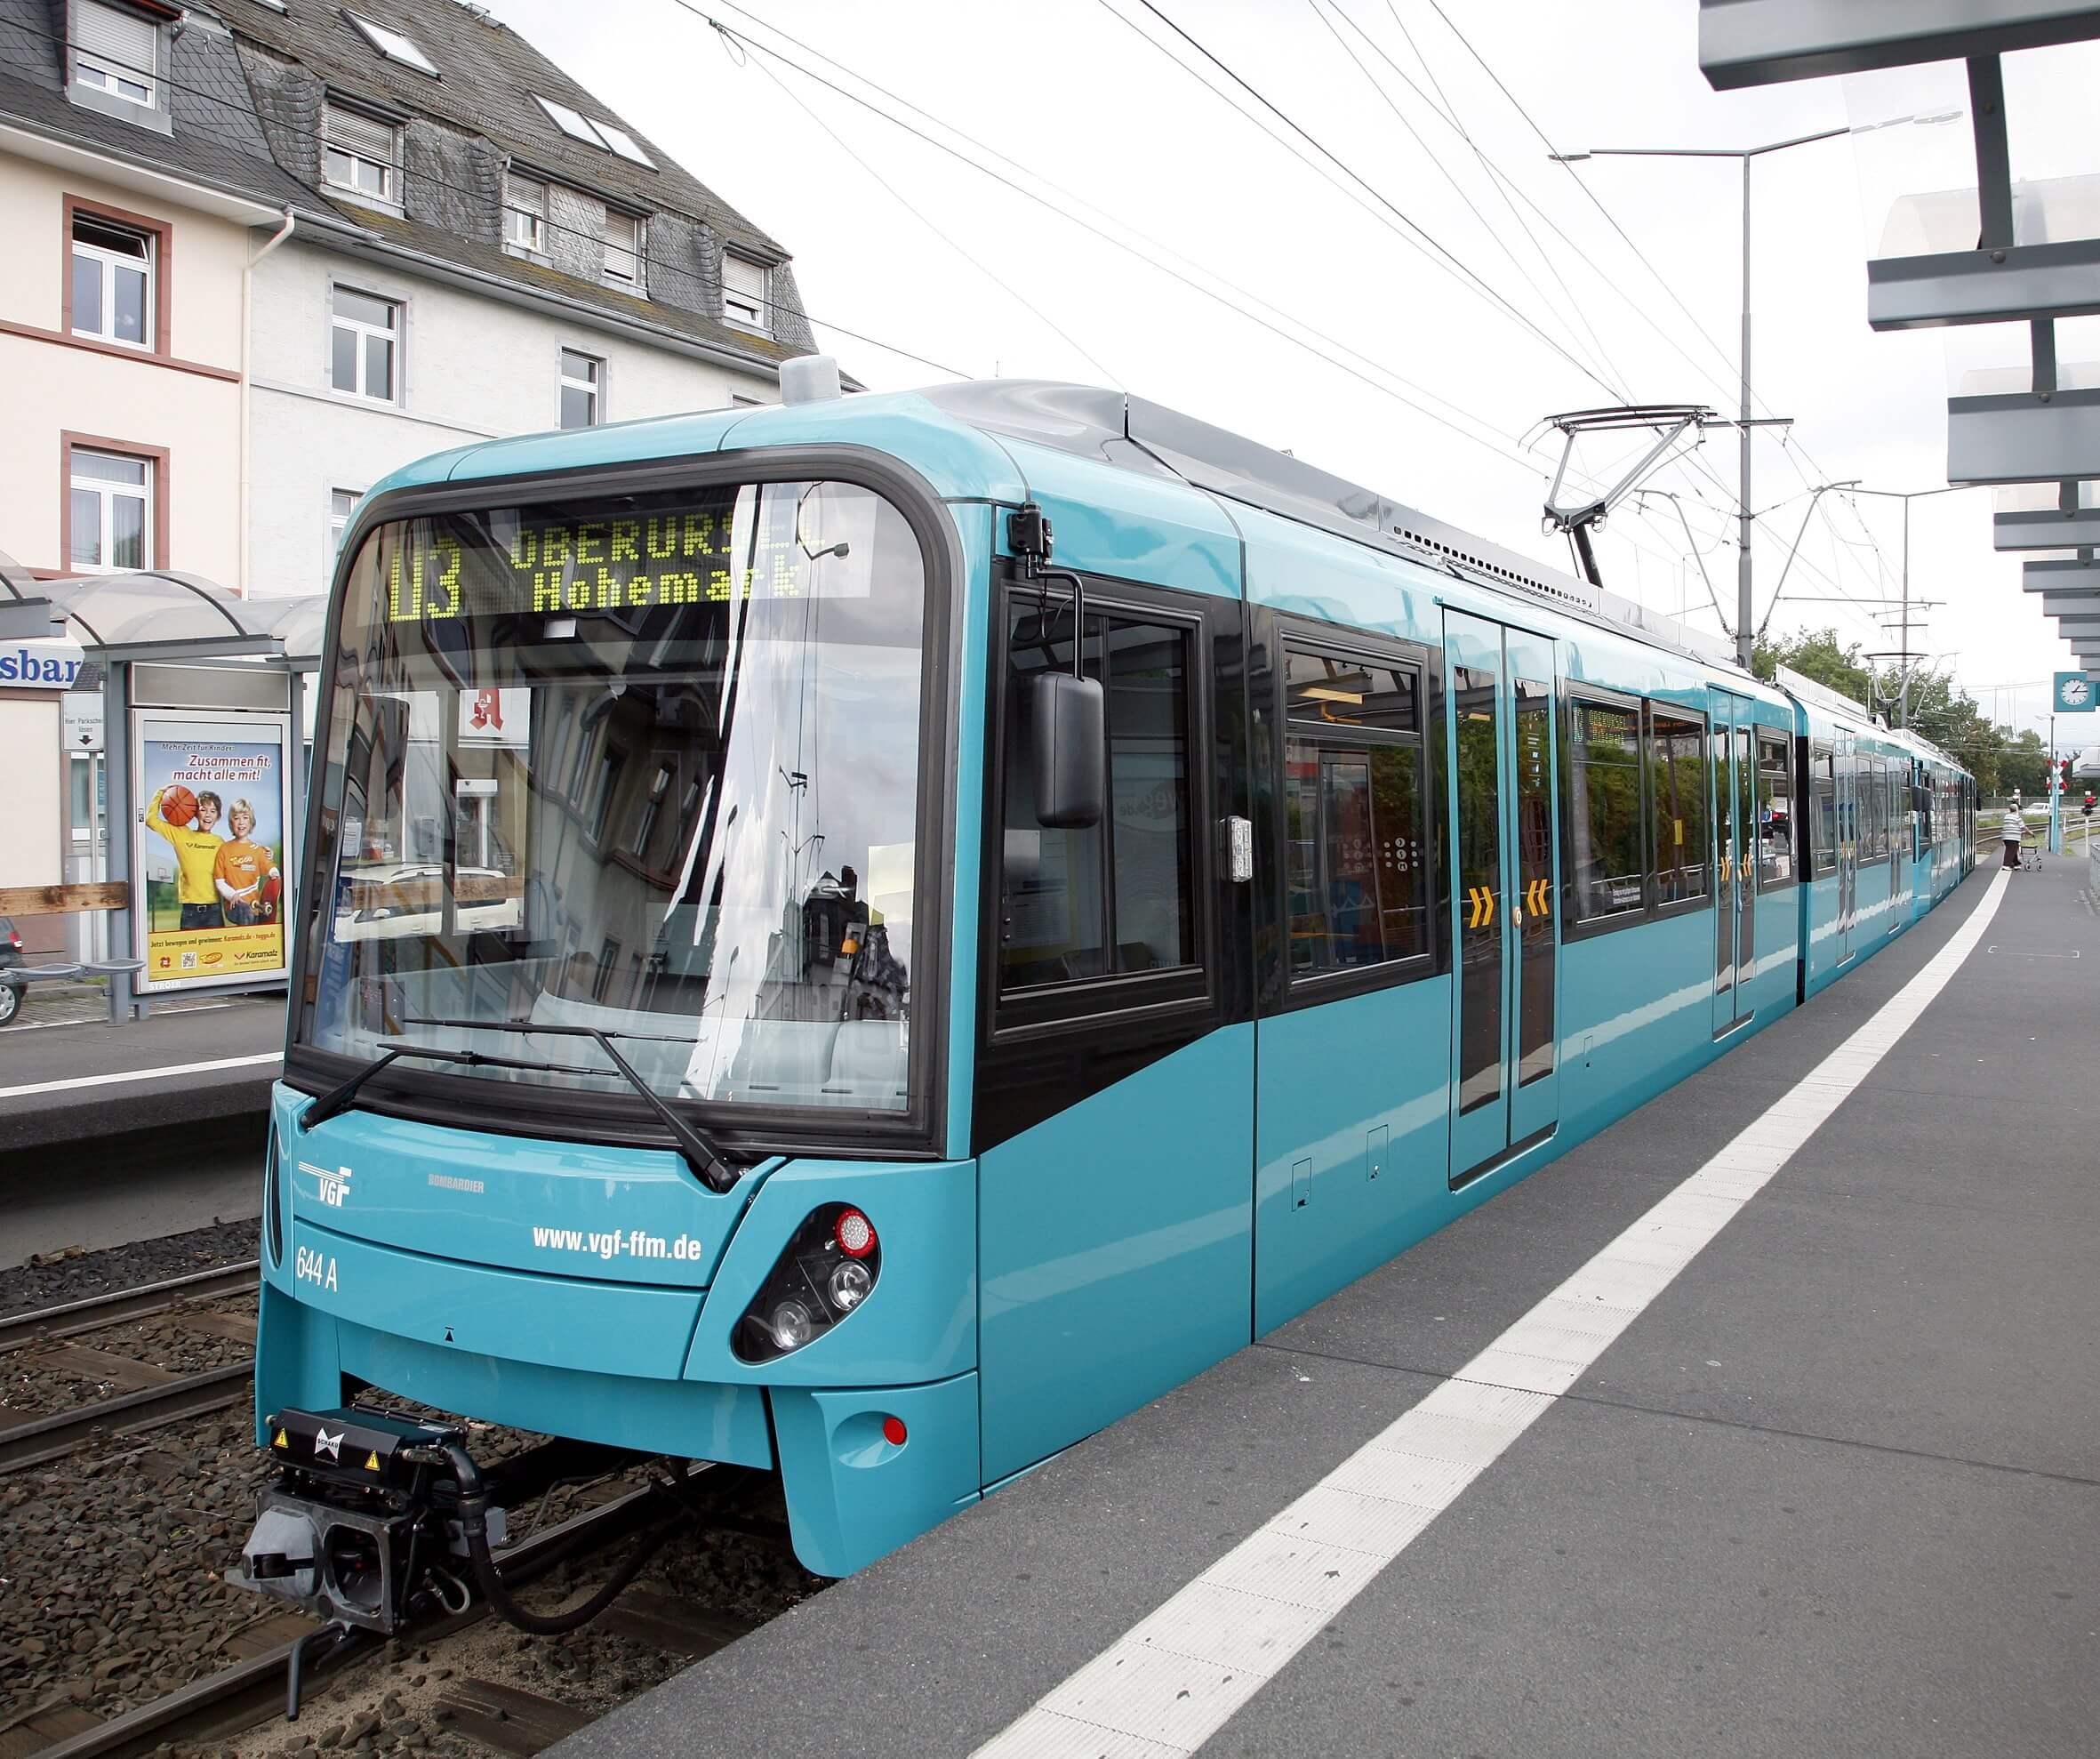 """Bahn des Typs """"U5"""" an der Station """"Weißer Stein"""" nach Modernisierung"""